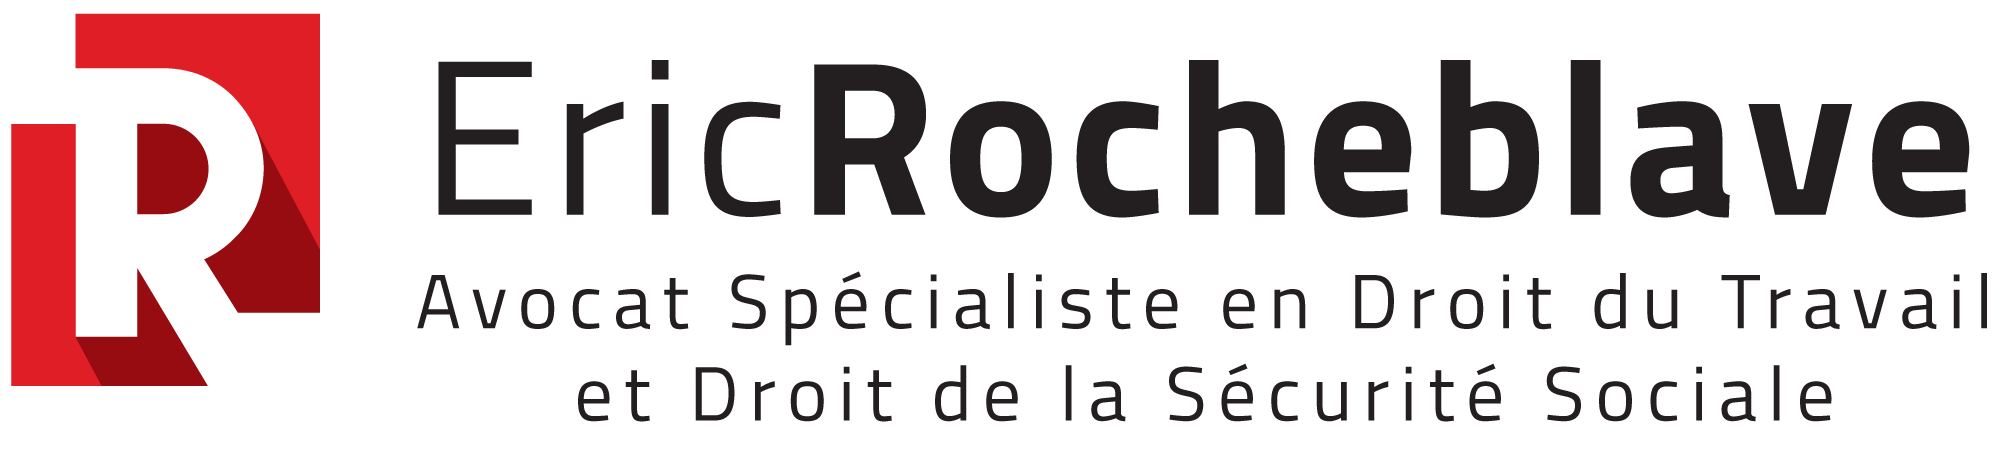 Appel du 7 novembre 16h34: « Vous ne pouvez pas vous mettre en grève si vous n'êtes pas concerné » Interview de Maître Eric ROCHEBLAVE | Le Huffington Post